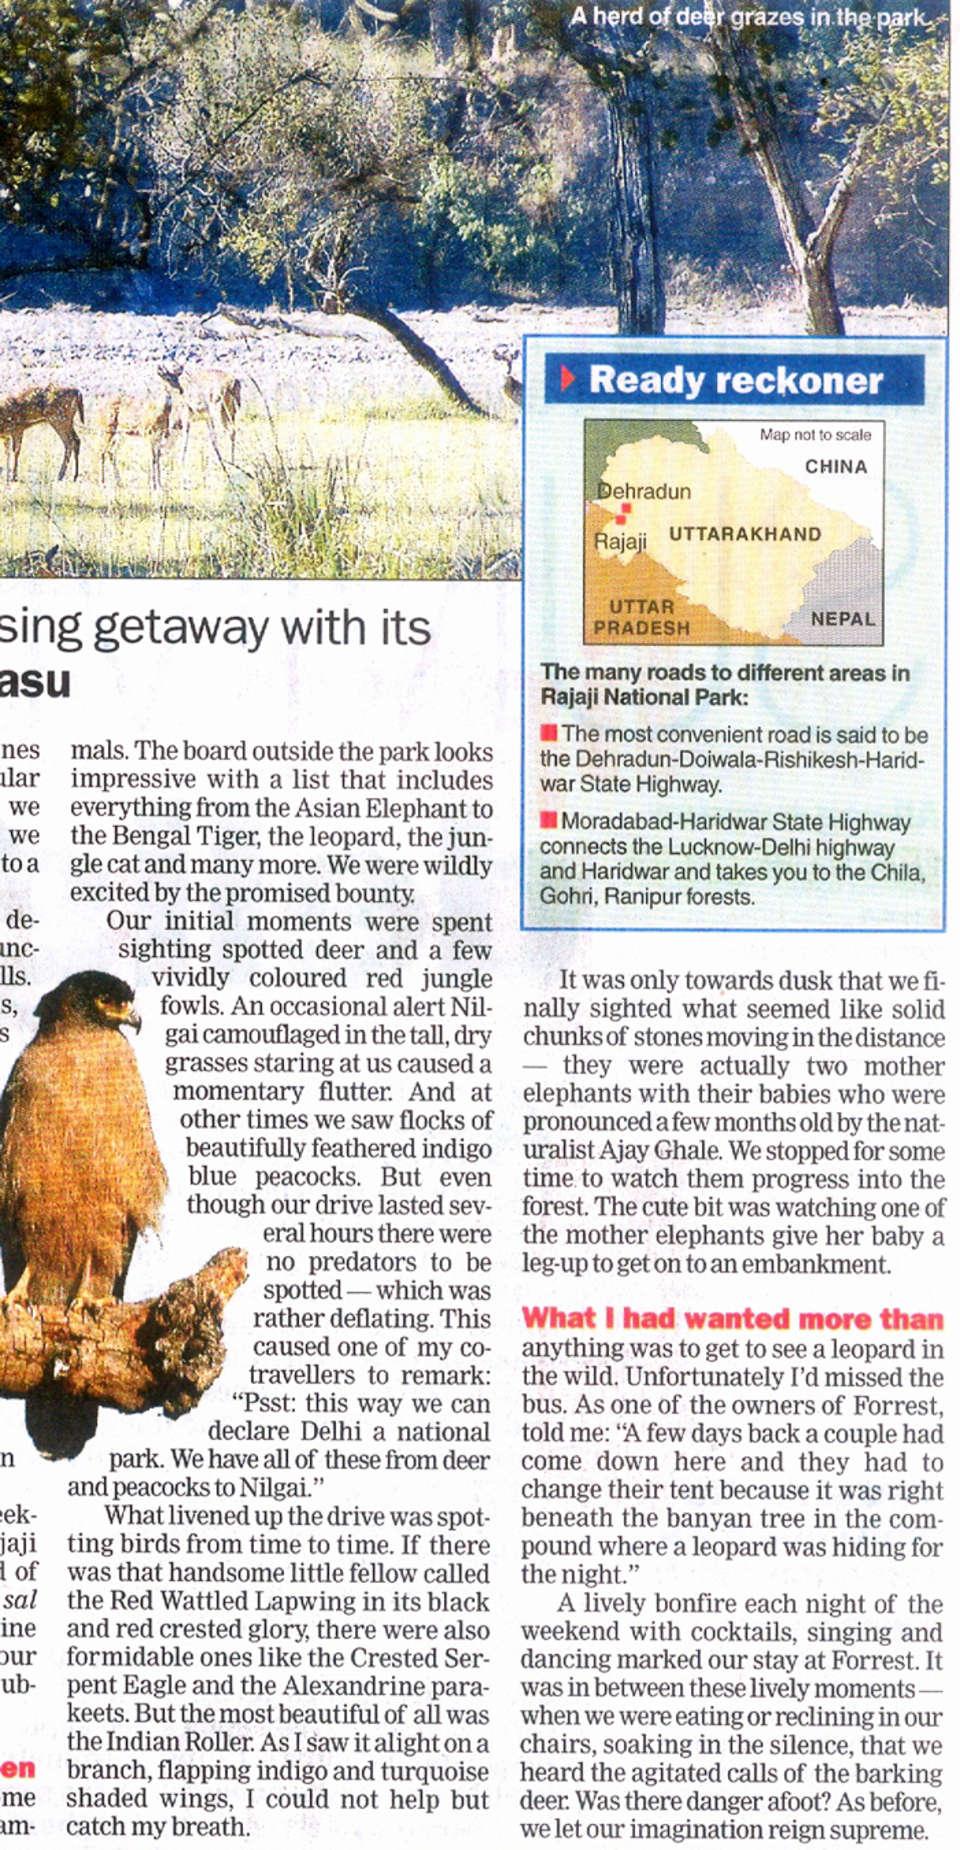 The Haveli Hari Ganga Hotel, Haridwar Haridwar Media Coverage 5 of The Haveli Hari Ganga Hotel Haridwar